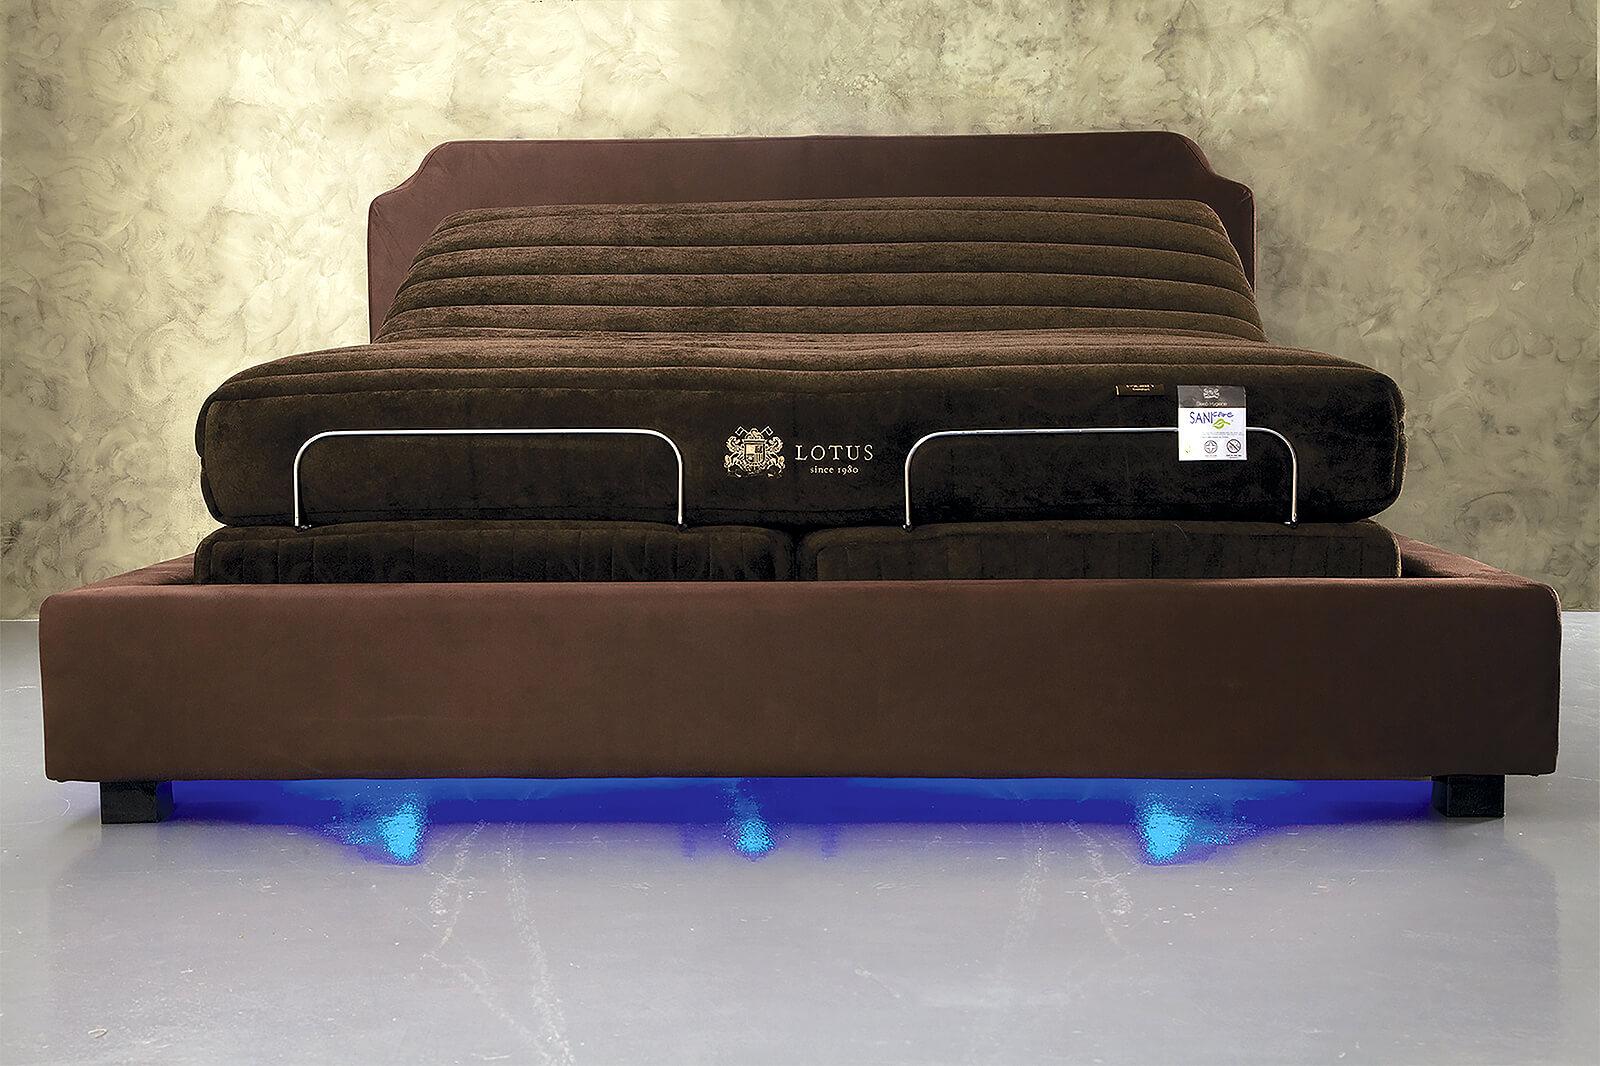 เตียงปรับระดับไฟฟ้า - Lotus Slimflex II